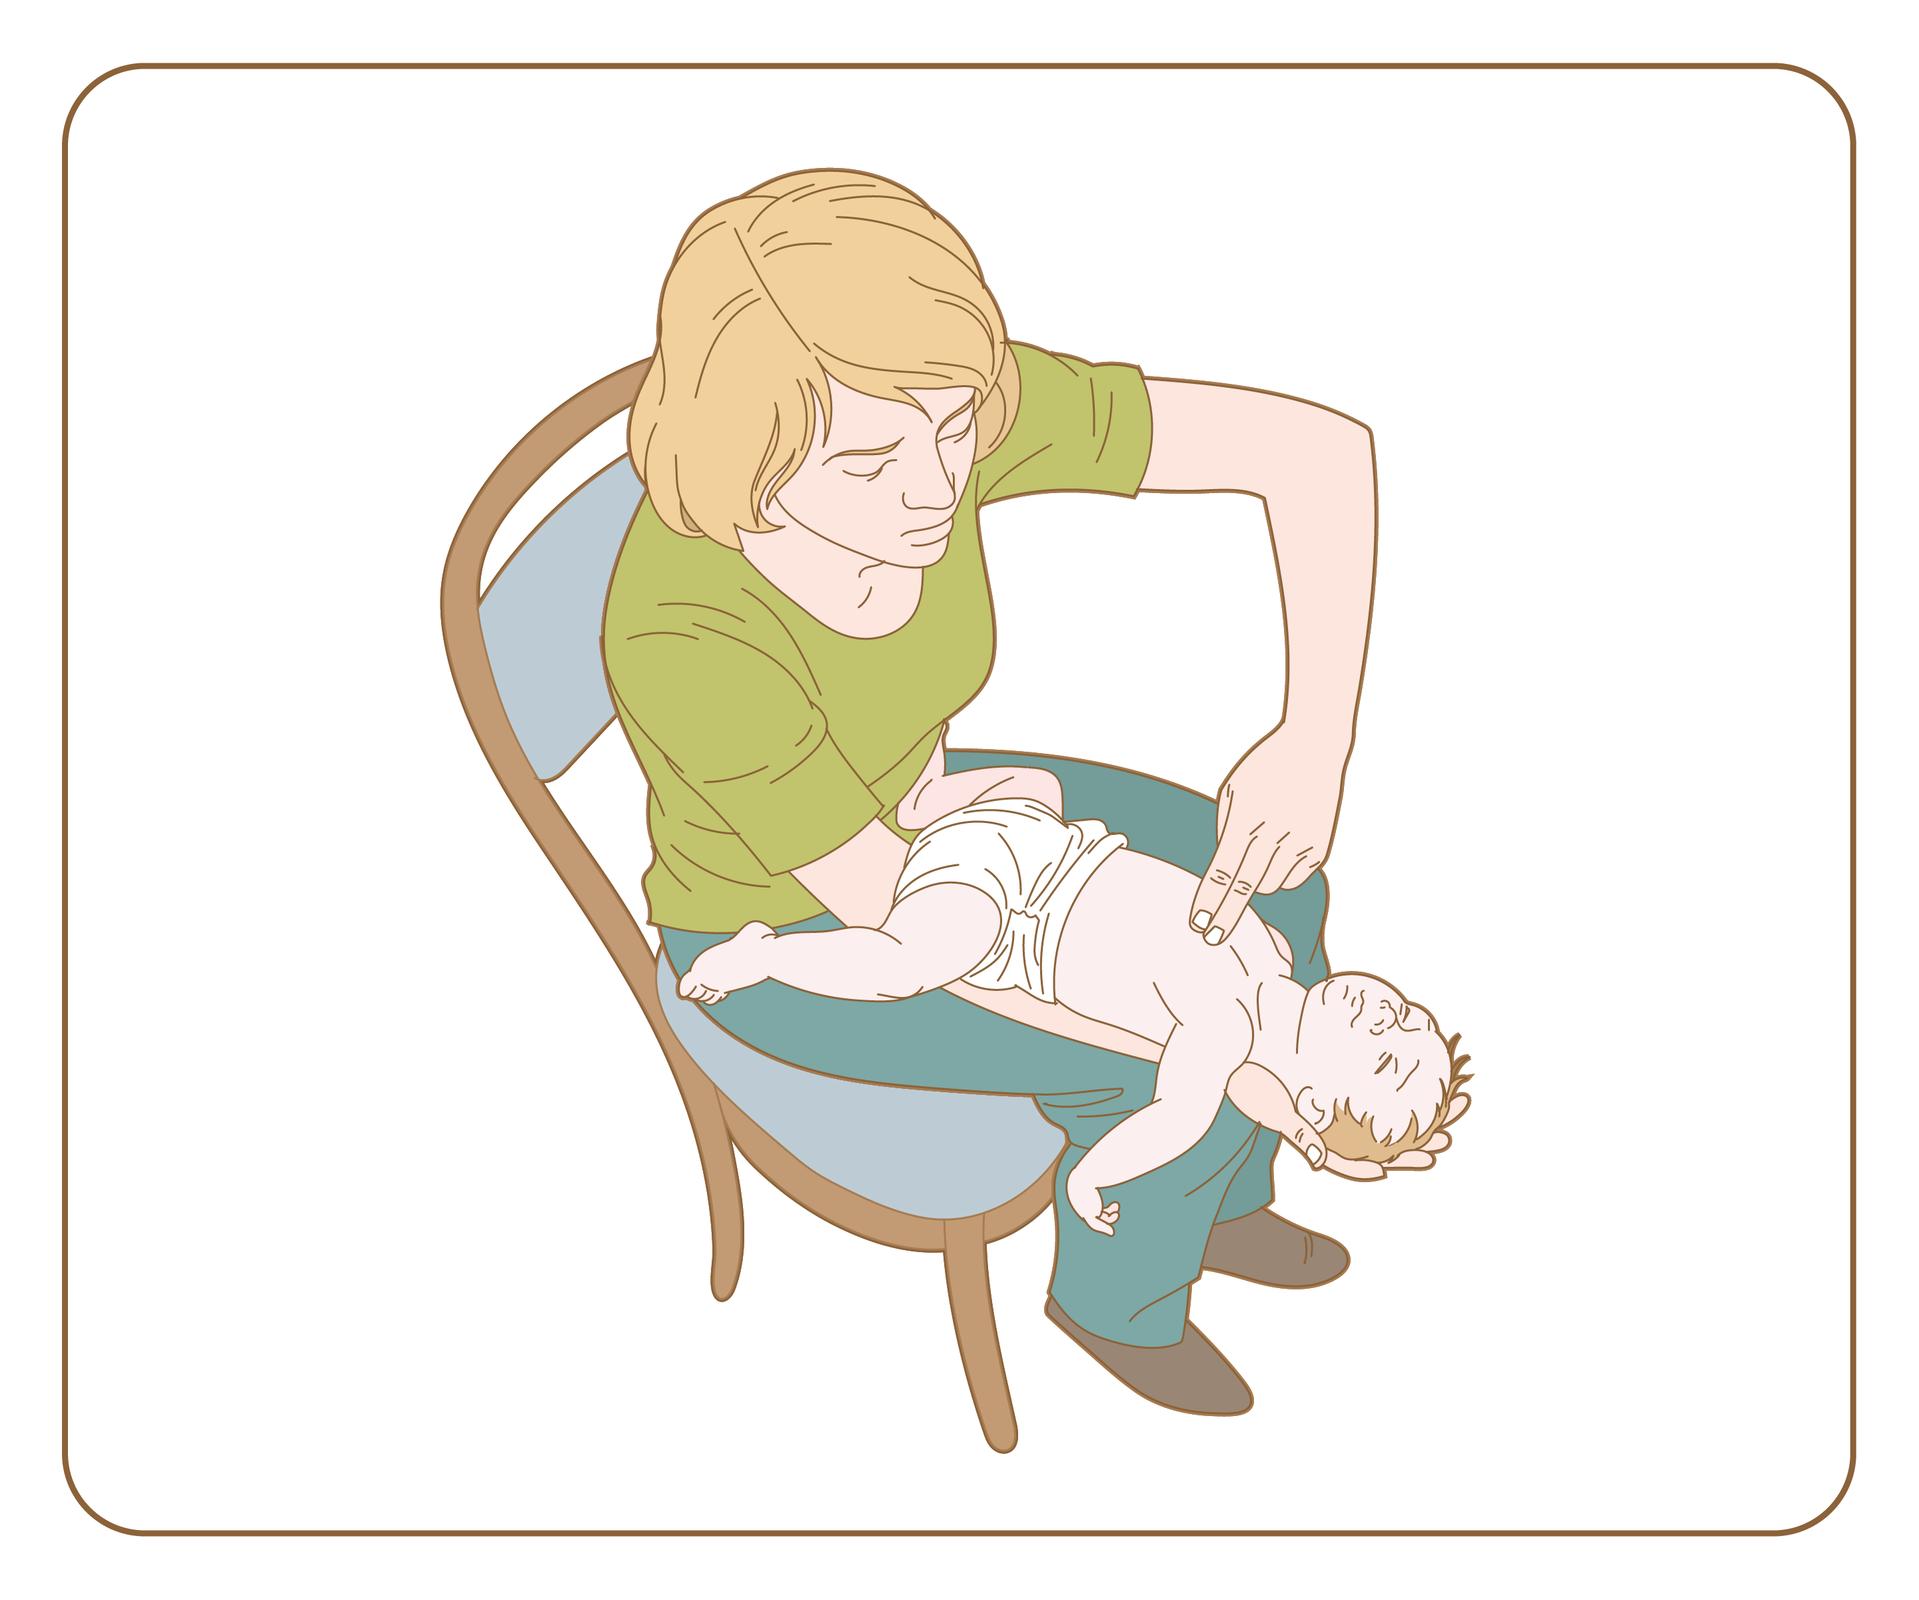 Galeria 1 składa się zdwóch ilustracji ułożonych poziomo obok. Druga ilustracja przedstawia kobietę siedzącą na krześle. Widok zgóry. Nogi razem. Na lewej nodze kobieta ułożyła lewe przedramię. Na przedramieniu leży niemowlę głową skierowane wdół. Niemowlę leży na plecach. Głowa niemowlęcia wystaje poza kolano kobiety. Kobieta przytrzymuje głowę niemowlaka wswojej dłoni. Prawą rękę kobieta unosi tak aby dwoma palcami dotknąć iuciskać klatkę piersiową dziecka.